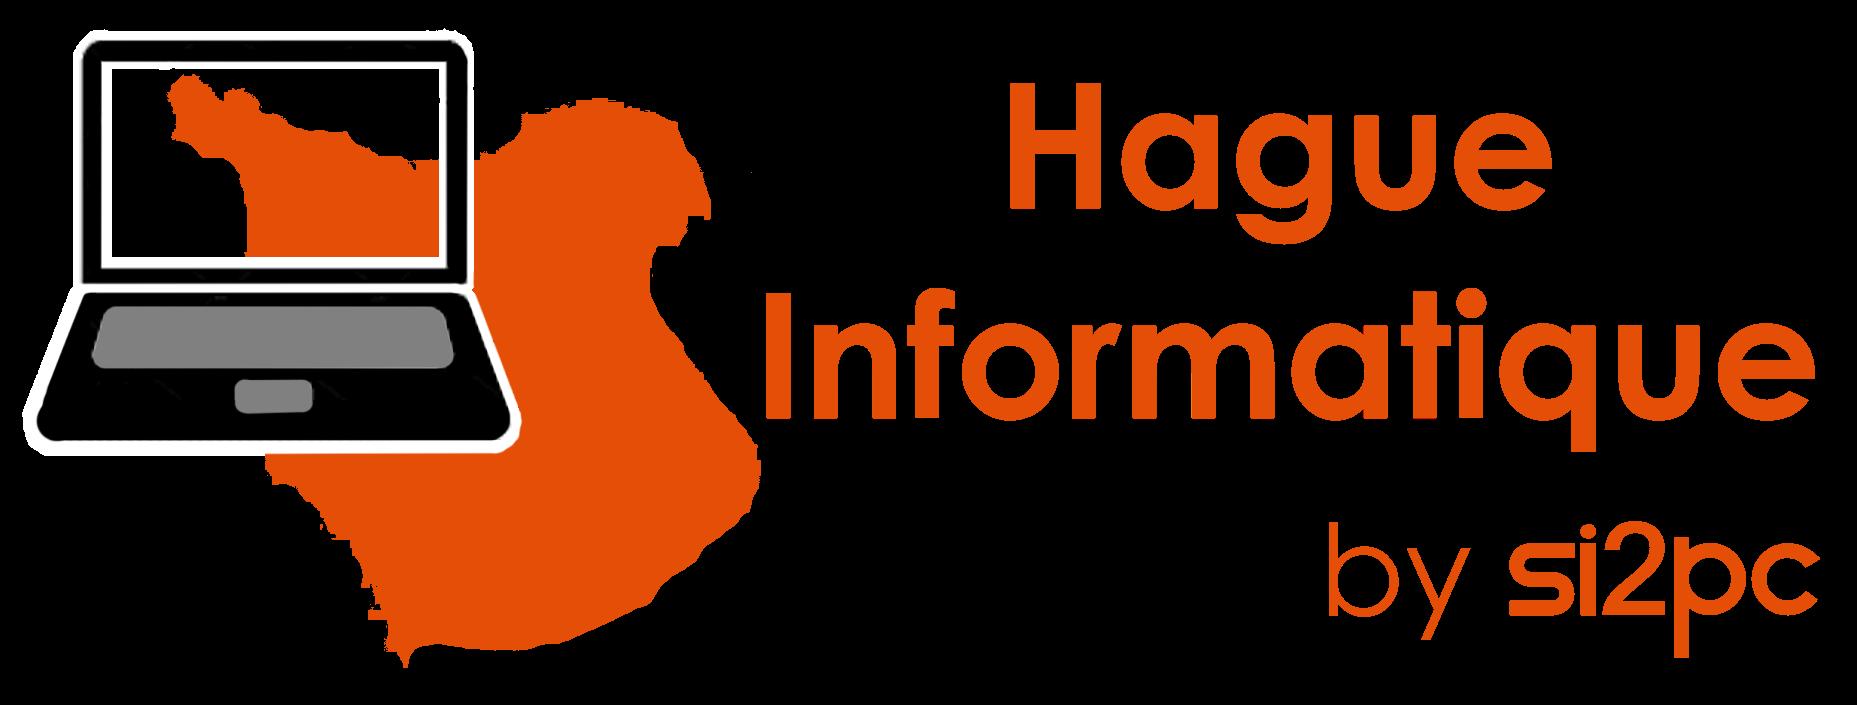 Hague Informatique (SI2PC)